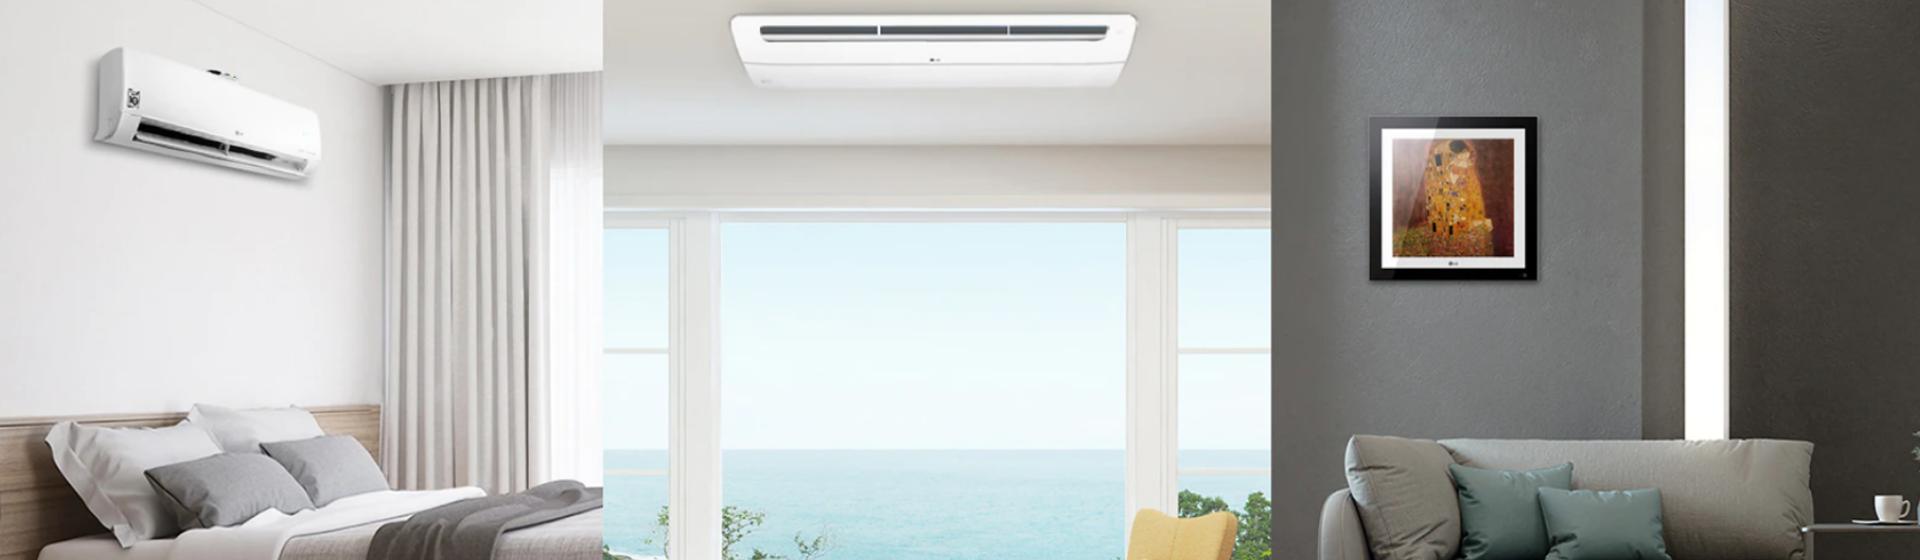 LG lança ar-condicionado que pode refrigerar até 5 ambientes